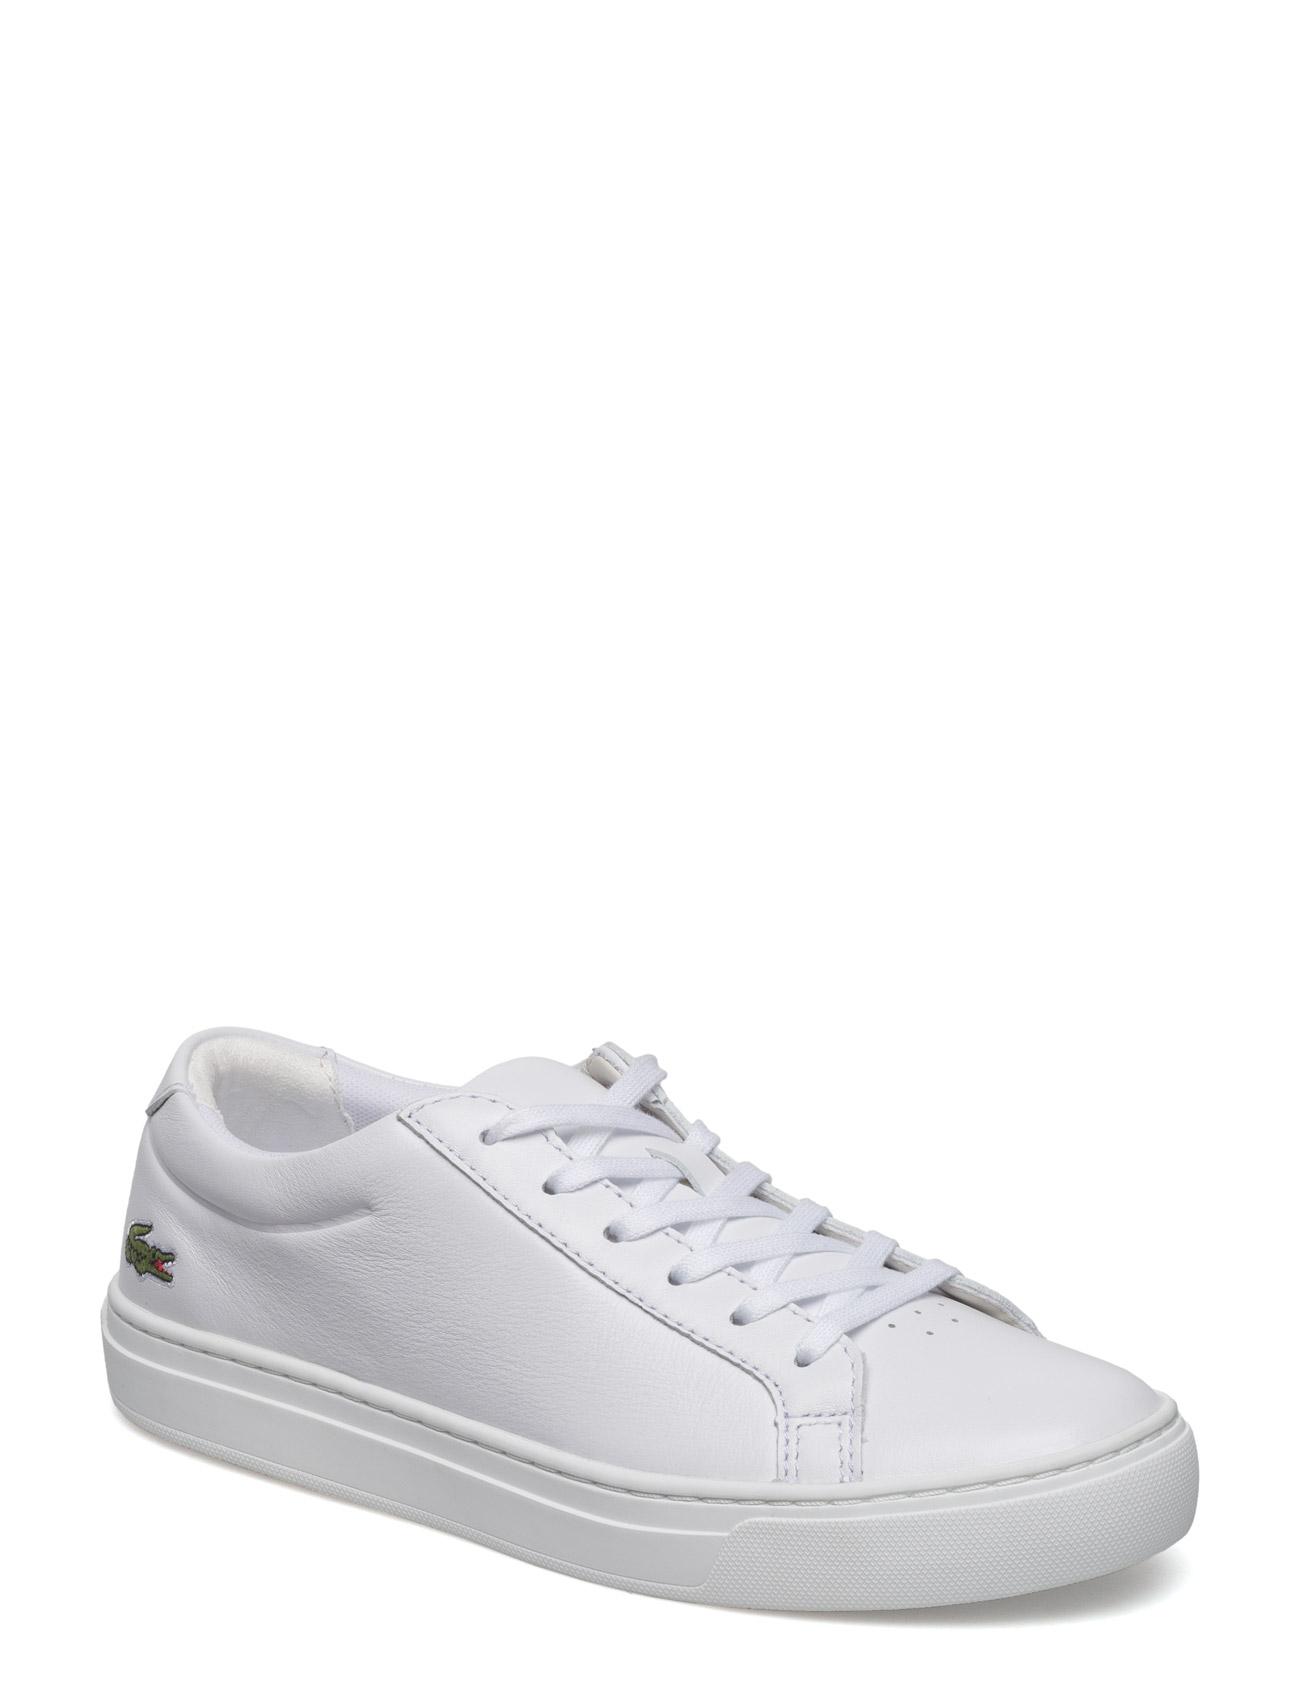 lacoste shoes – L.12.12 117 1 fra boozt.com dk